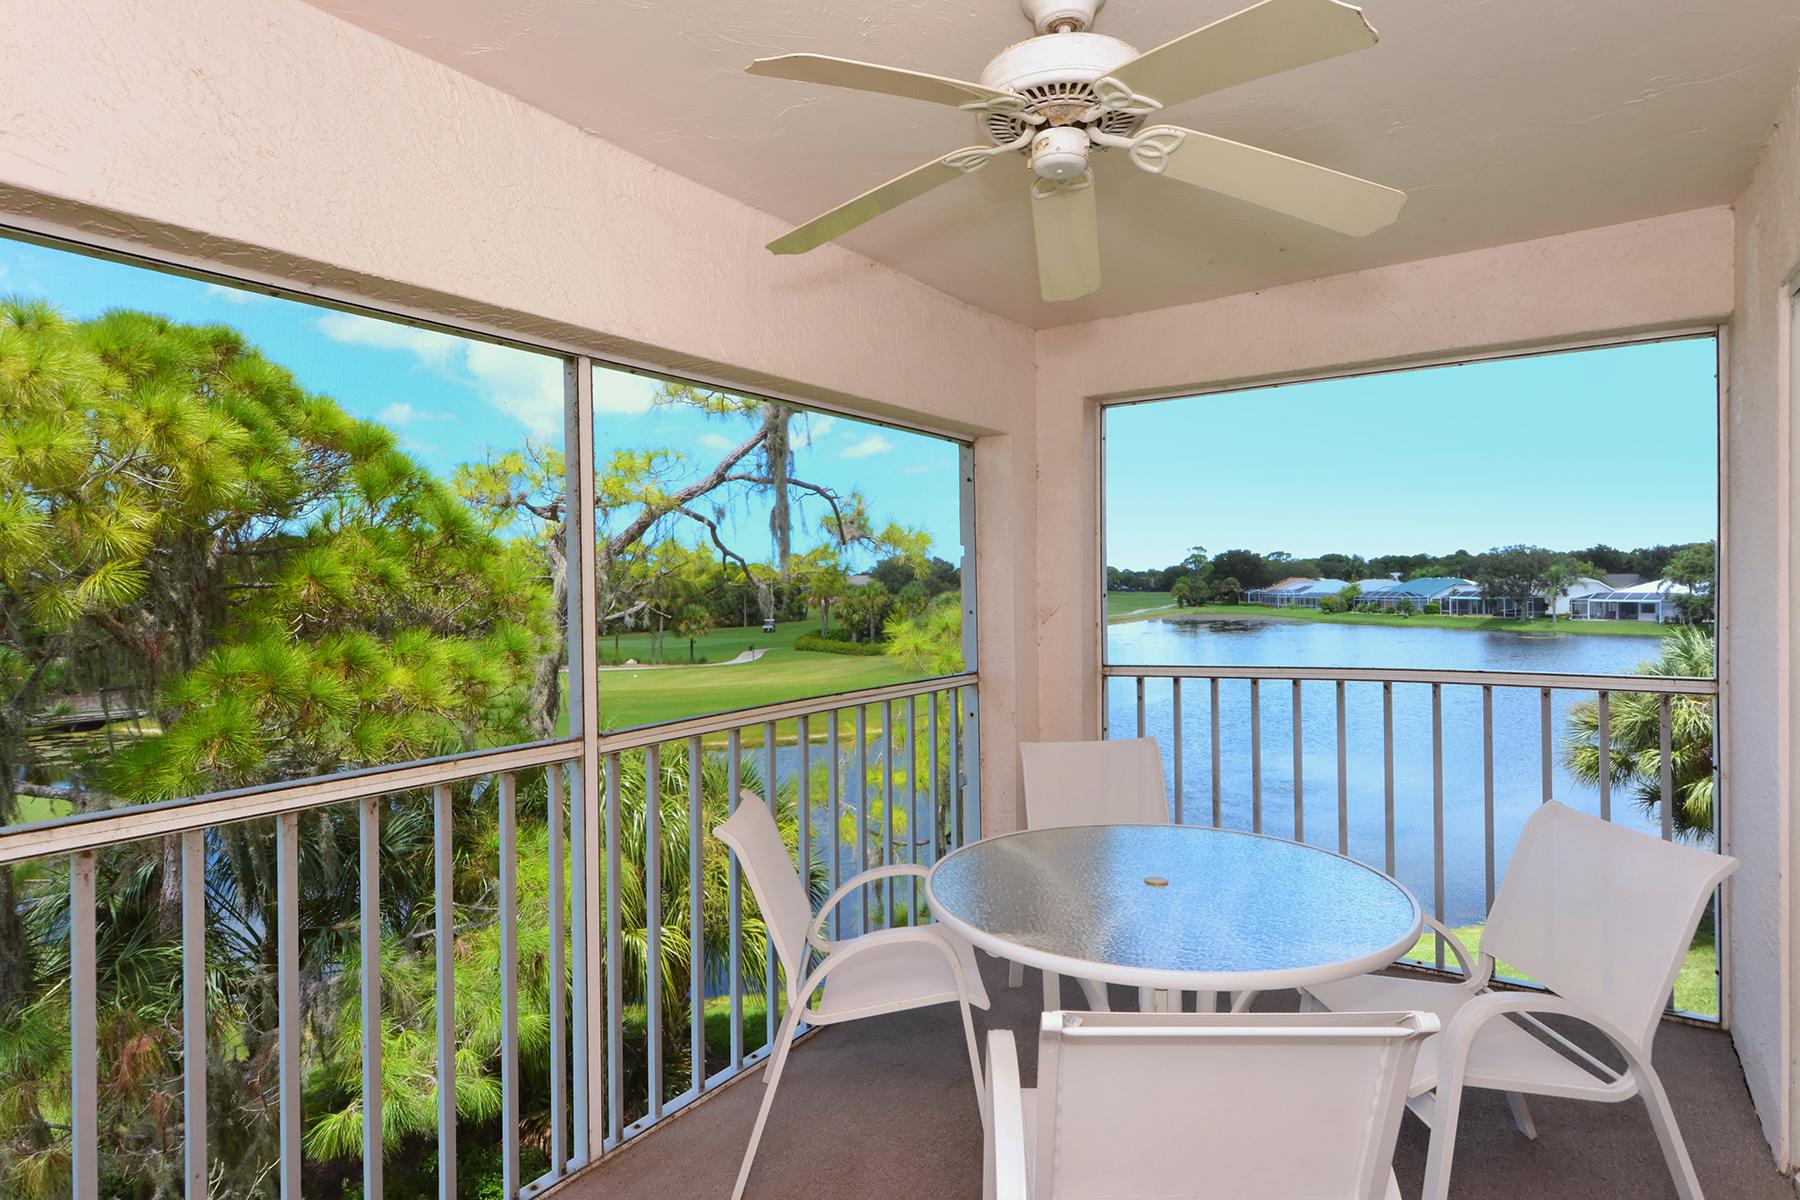 Eigentumswohnung für Verkauf beim SARASOTA 9320 Clubside Cir 2307 Sarasota, Florida 34238 Vereinigte Staaten